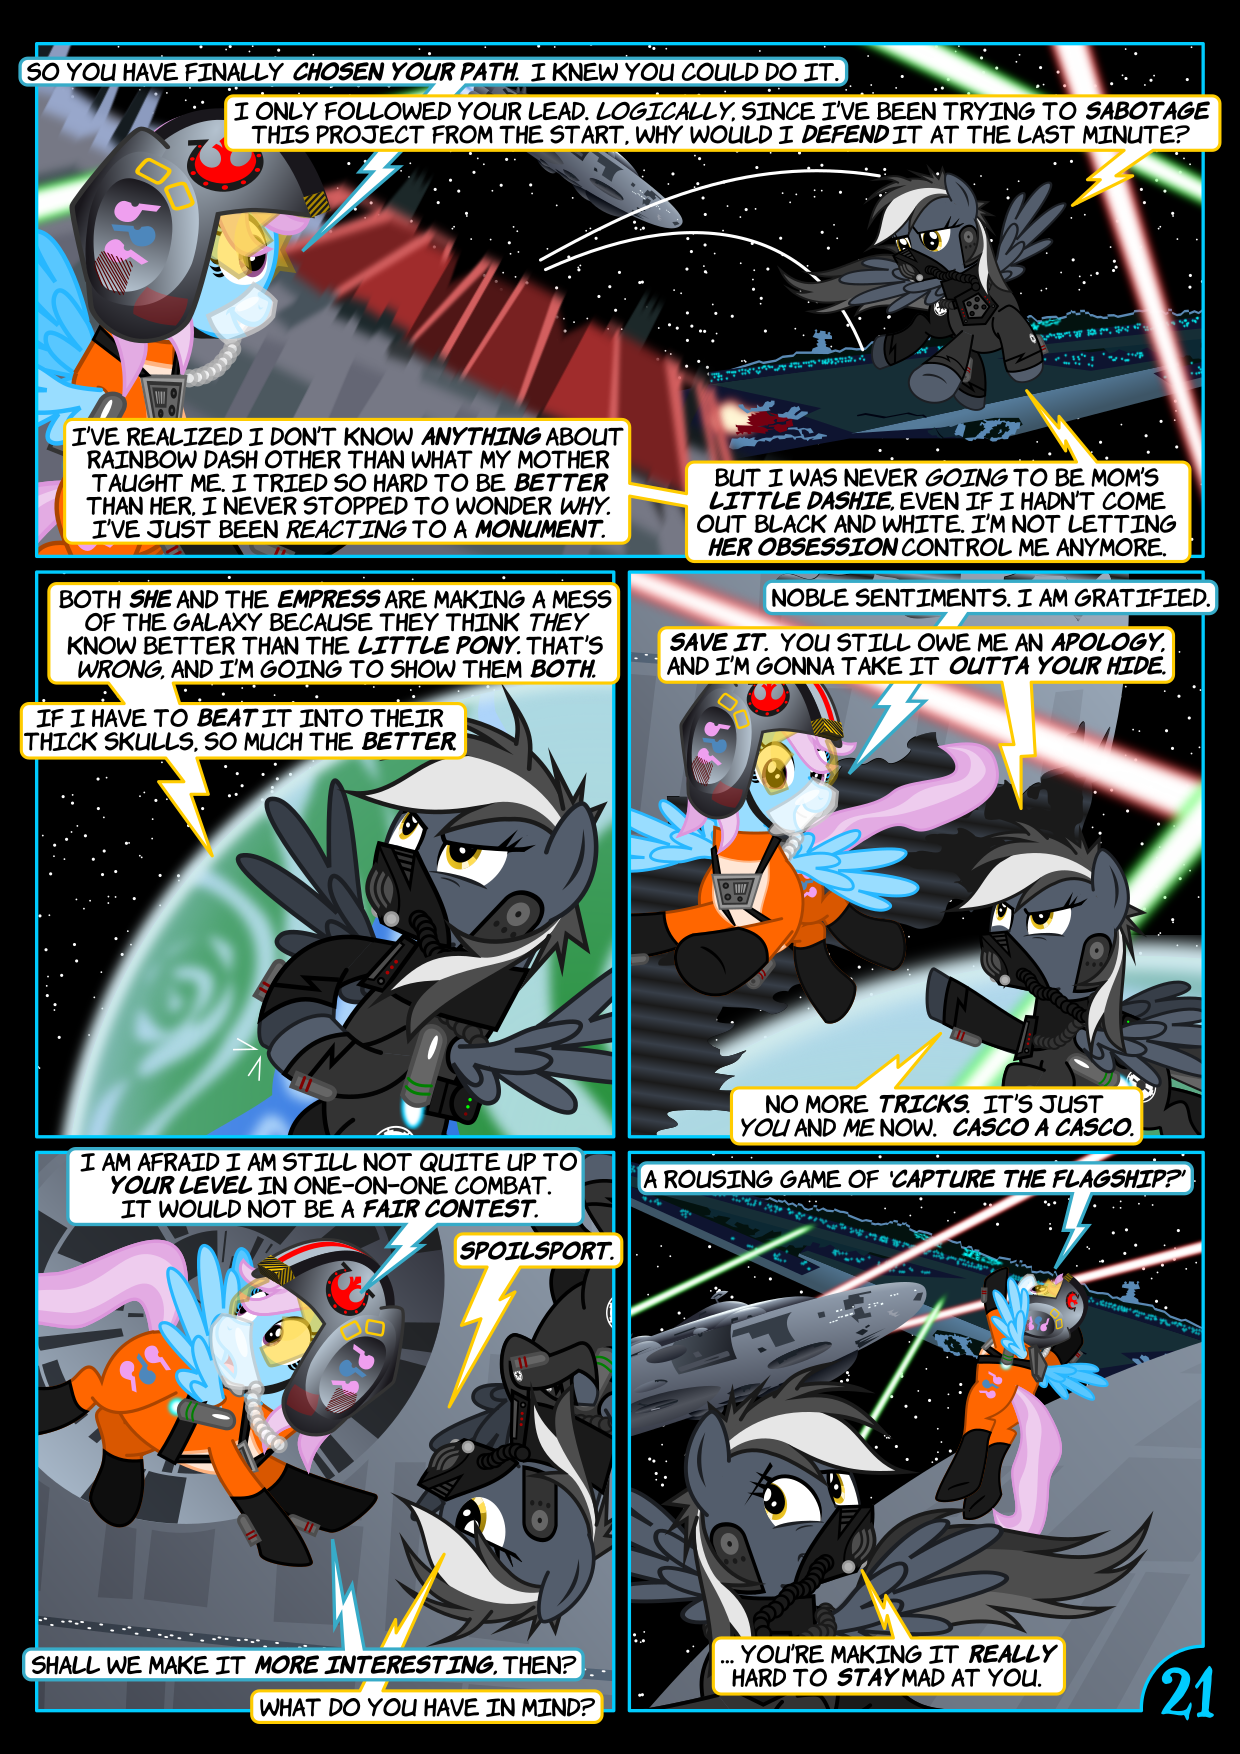 Star Mares 3.4.21: Aggressive Negotiations